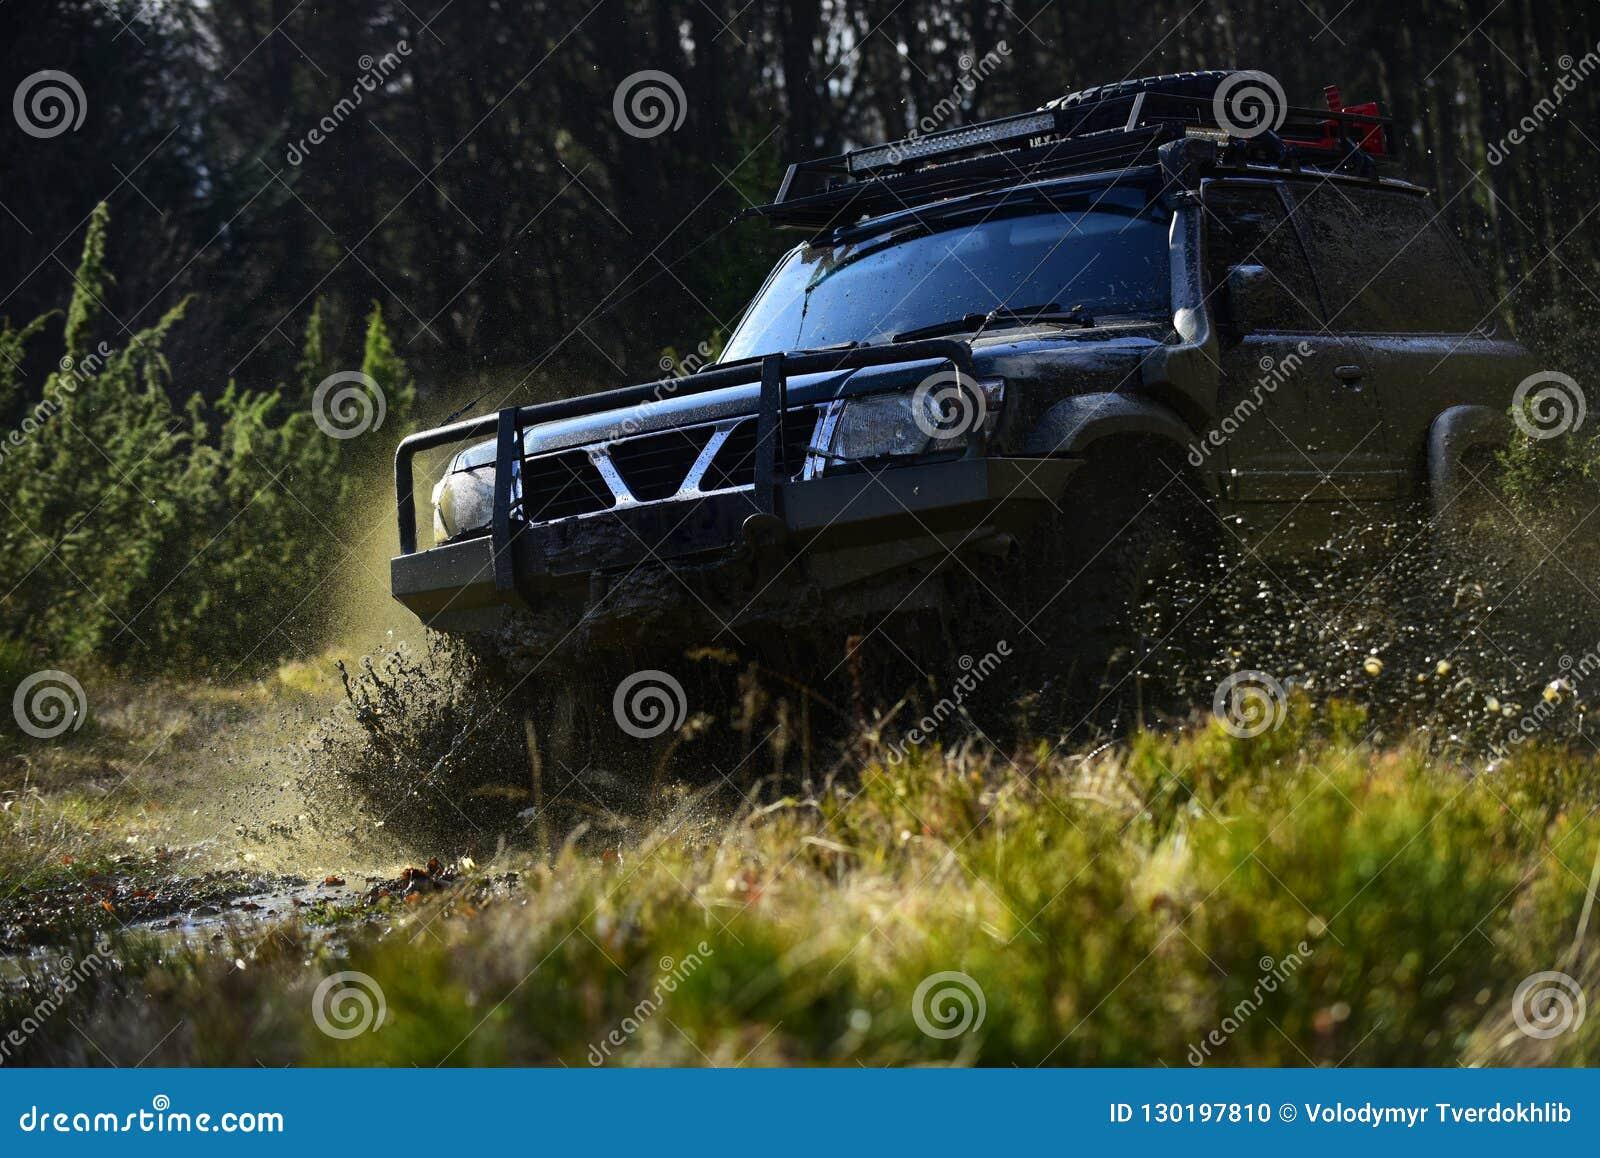 Ekstremum, wyzwanie i 4x4 pojazdu pojęcie, Offroad rasa na natury tle Samochodowy ścigać się w lasowym SUV lub offroad samochodzi